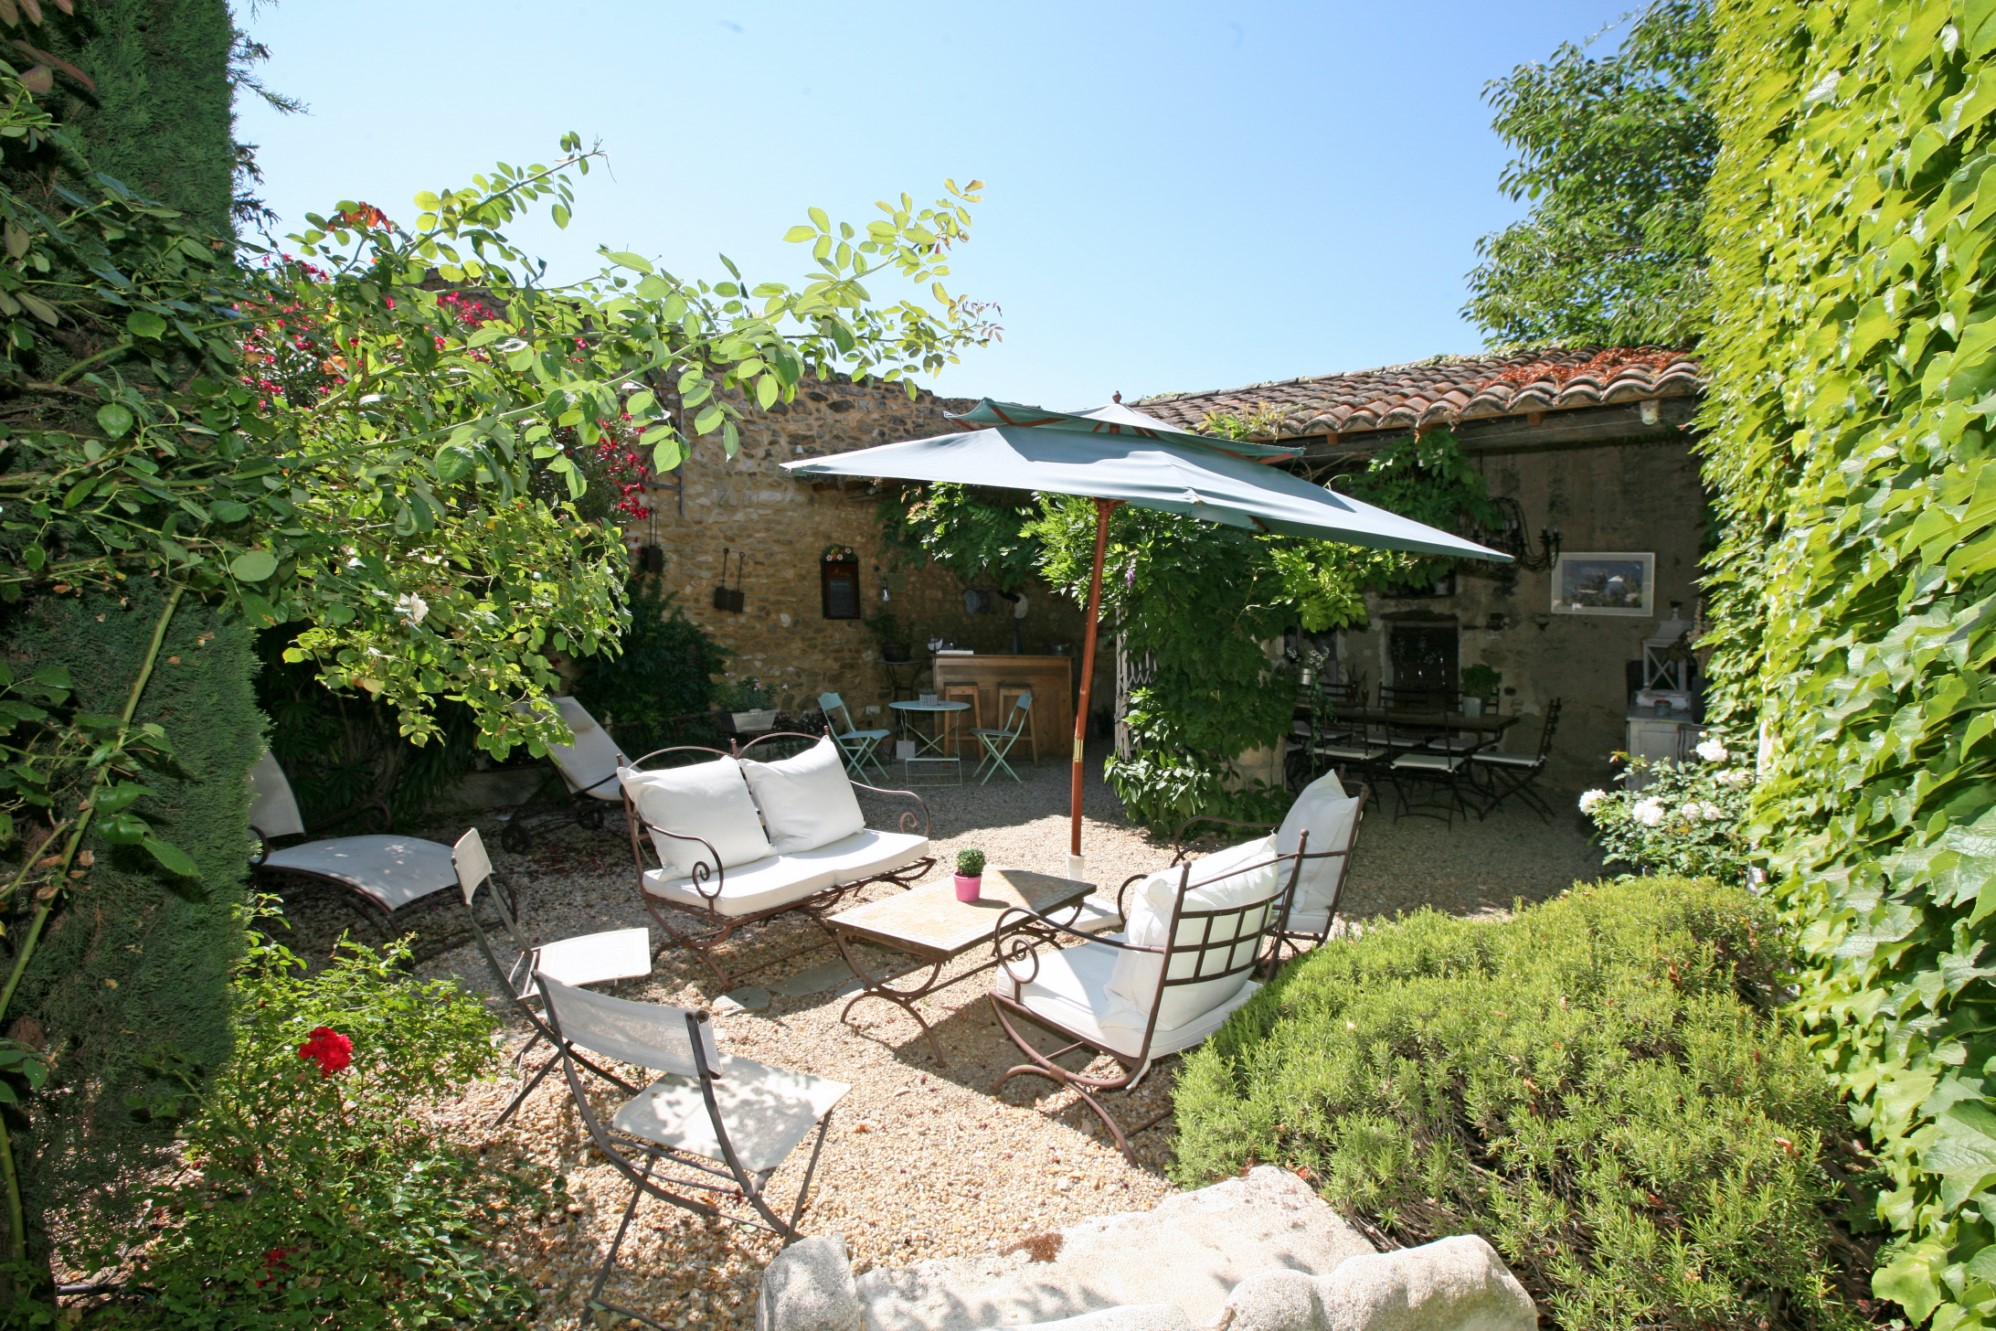 Propriété à vendre proche d'un agréable village du Luberon